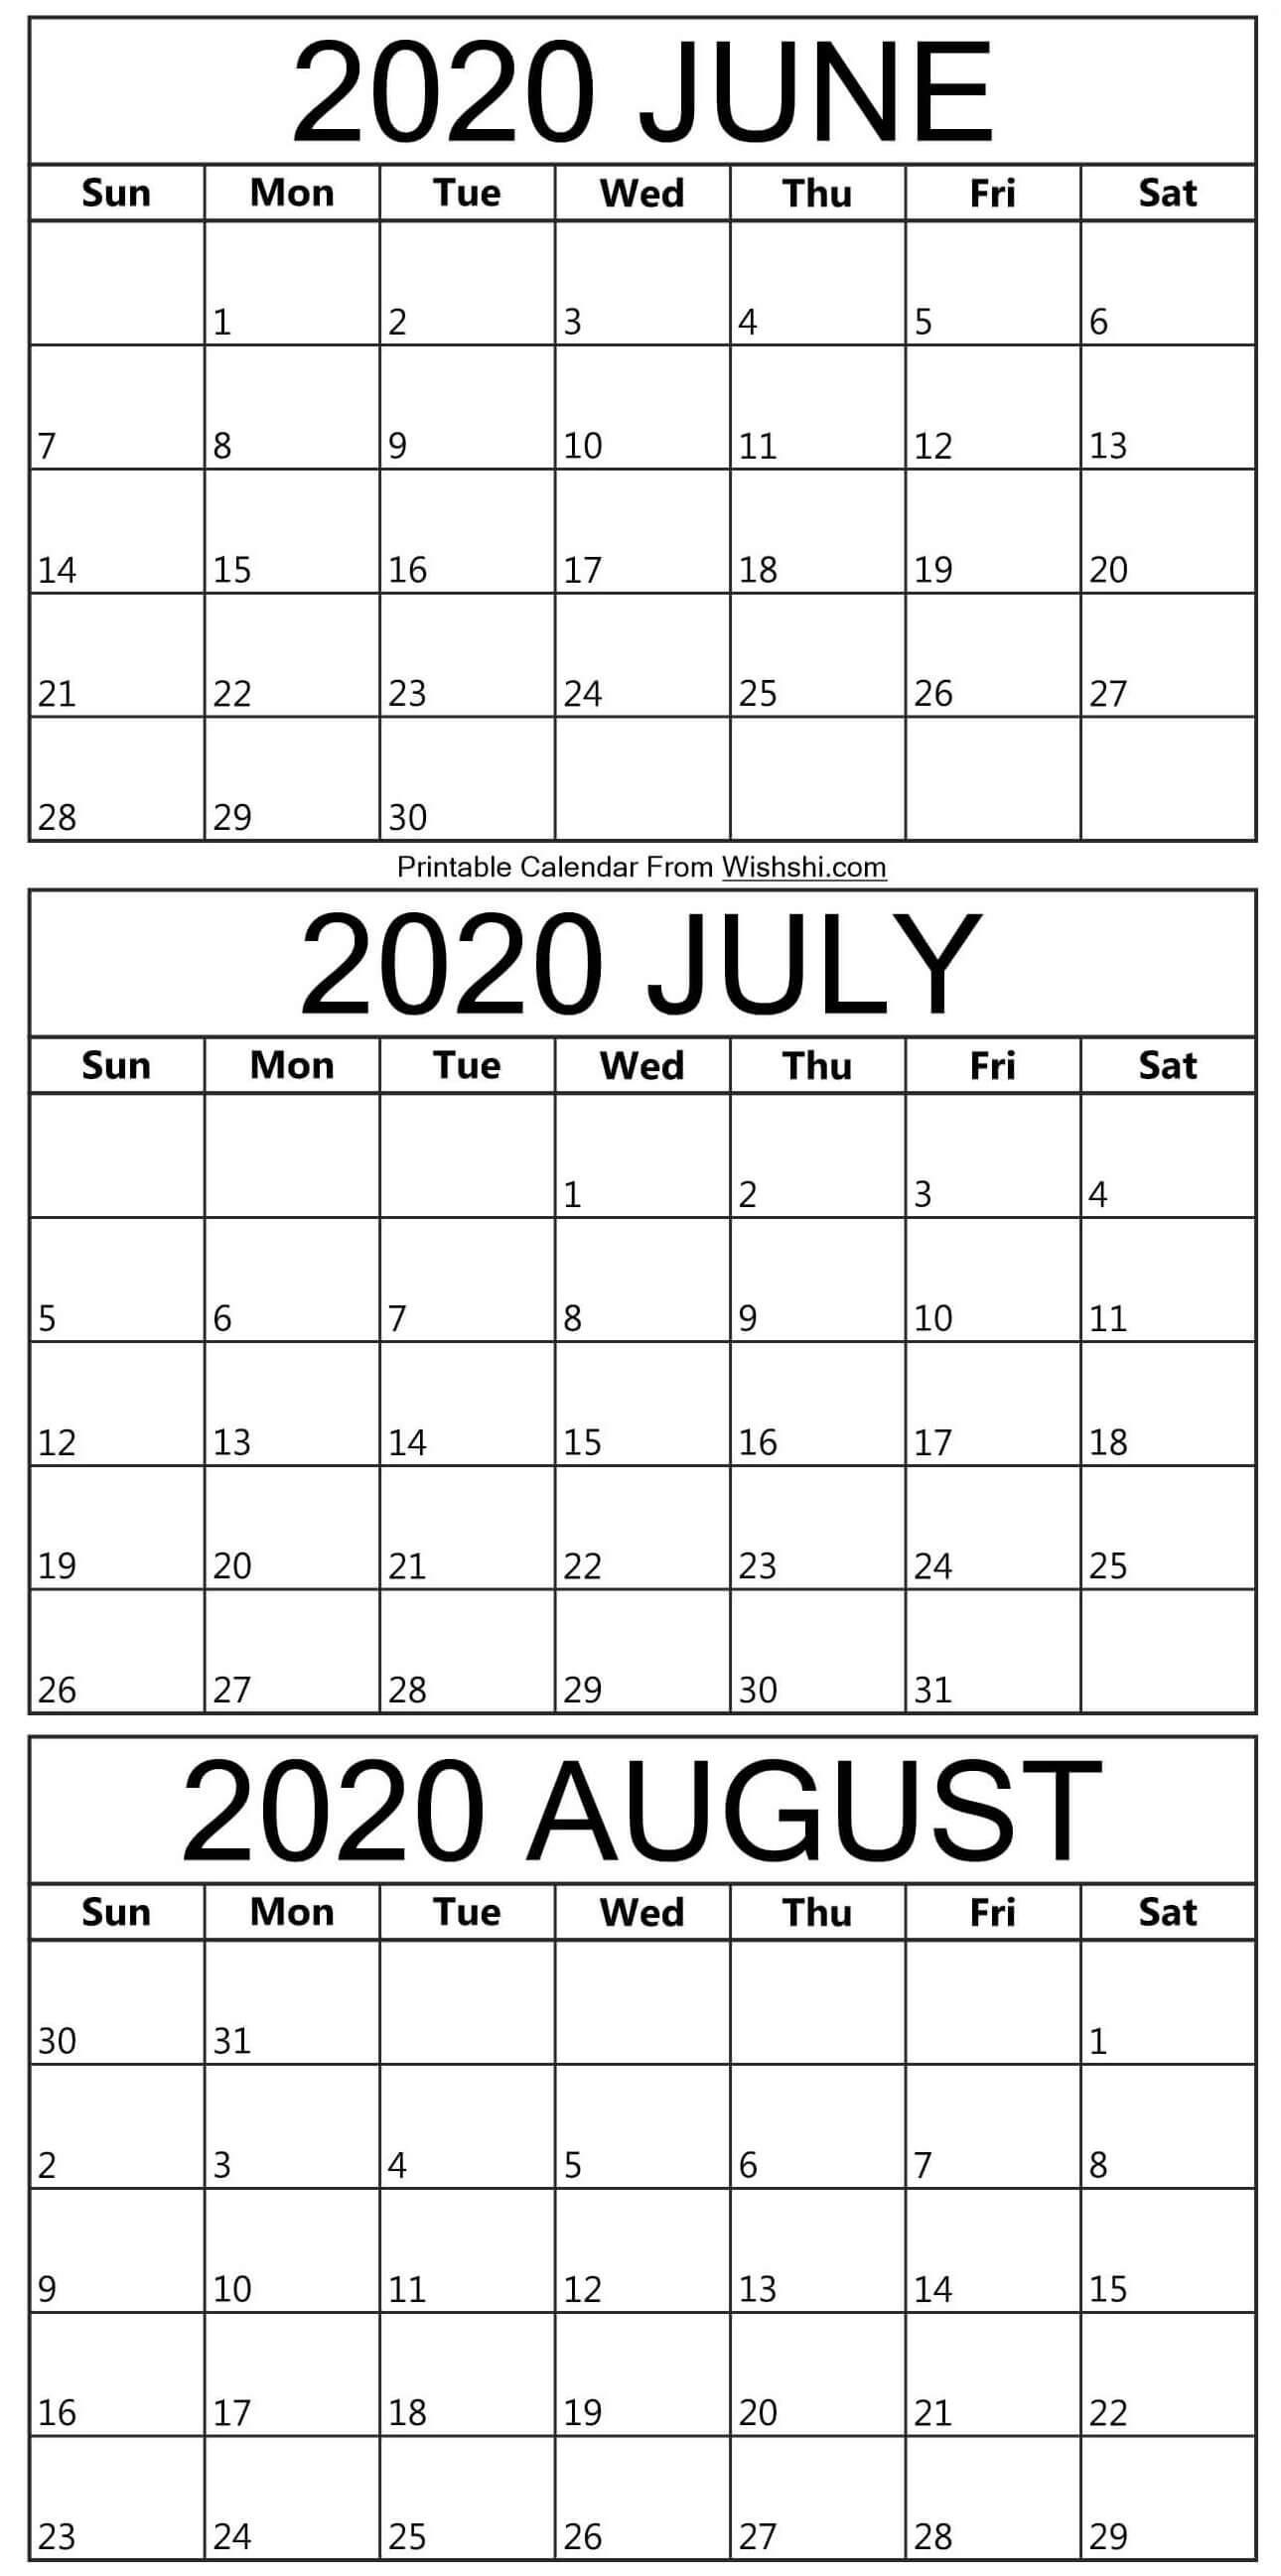 Printable June To August 2020 Calendar - Free Printable-Blank Calendar June July August 2020